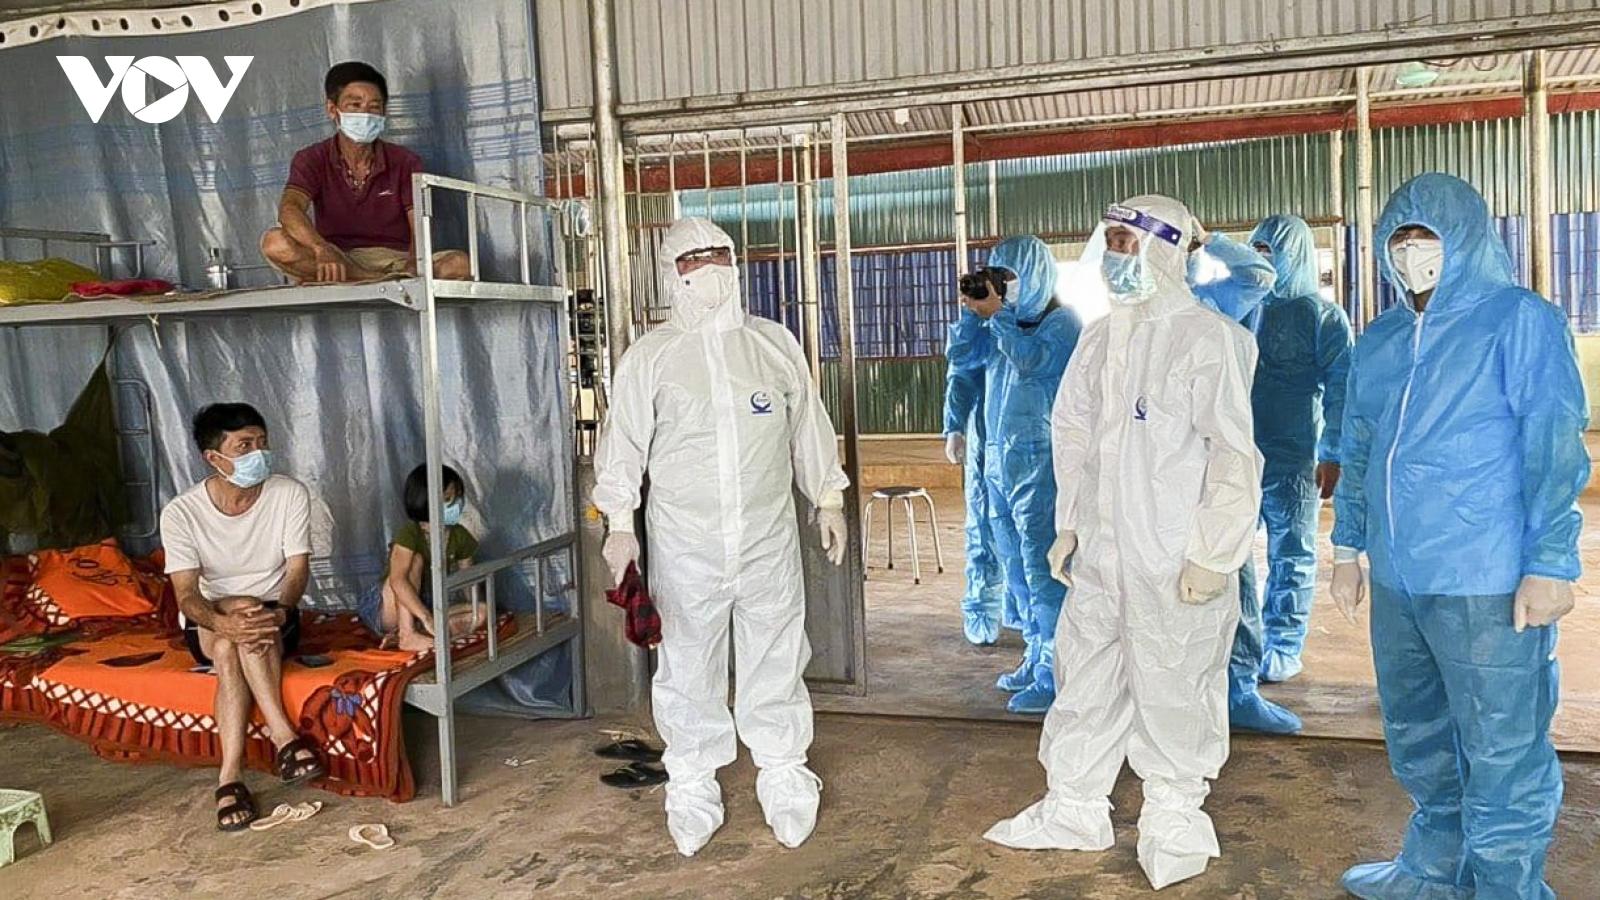 Thêm bệnh nhân COVID-19 tại Si Pa Phìn, Nậm Pồ thành lập thêm 3 khu cách ly tập trung